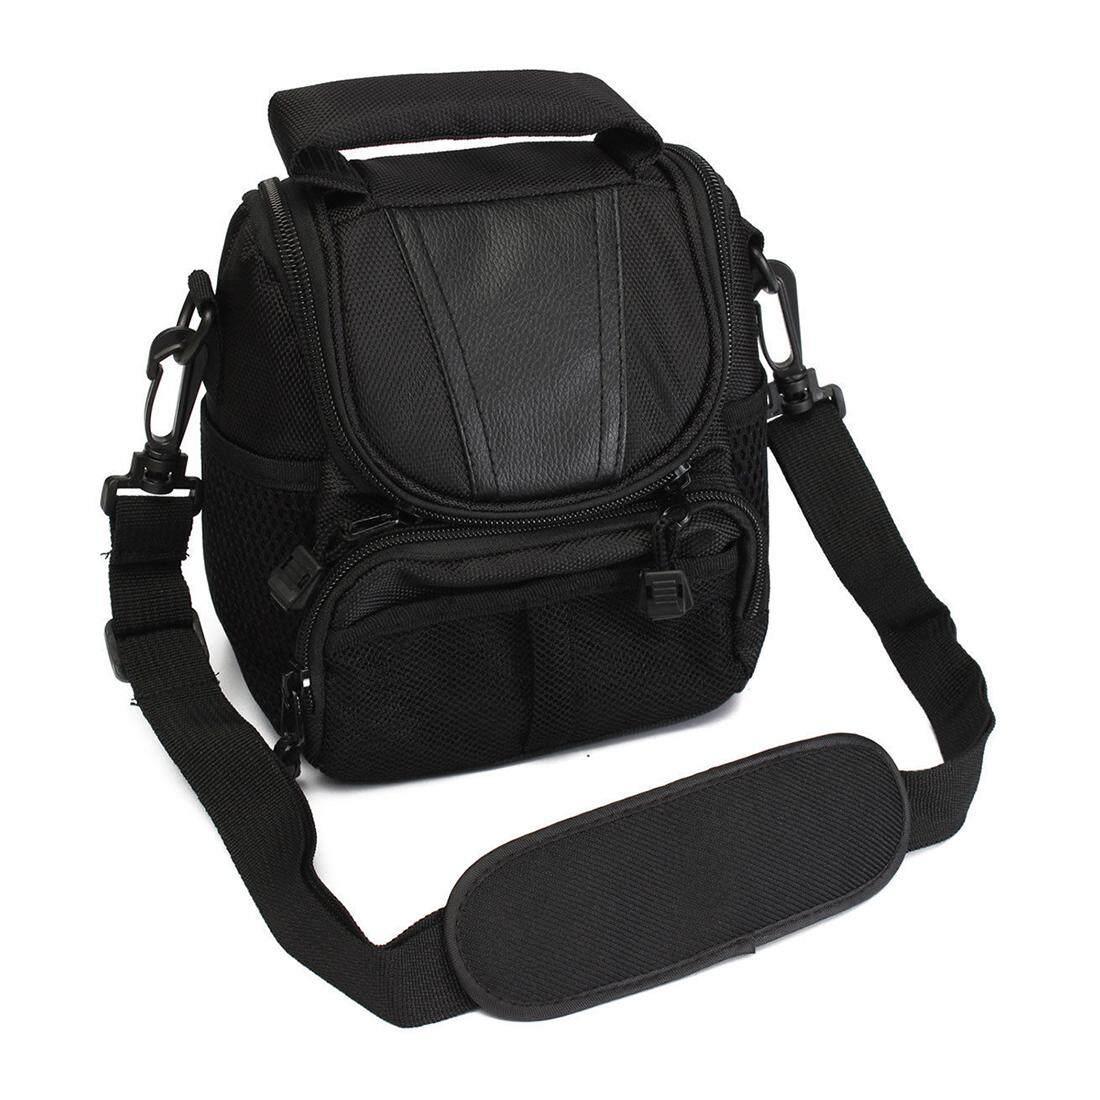 Kecil Nilon Kamera Tahan Air Tas Bahu Sarung Tas Tangan untuk Nikon Canon SLR DSLR